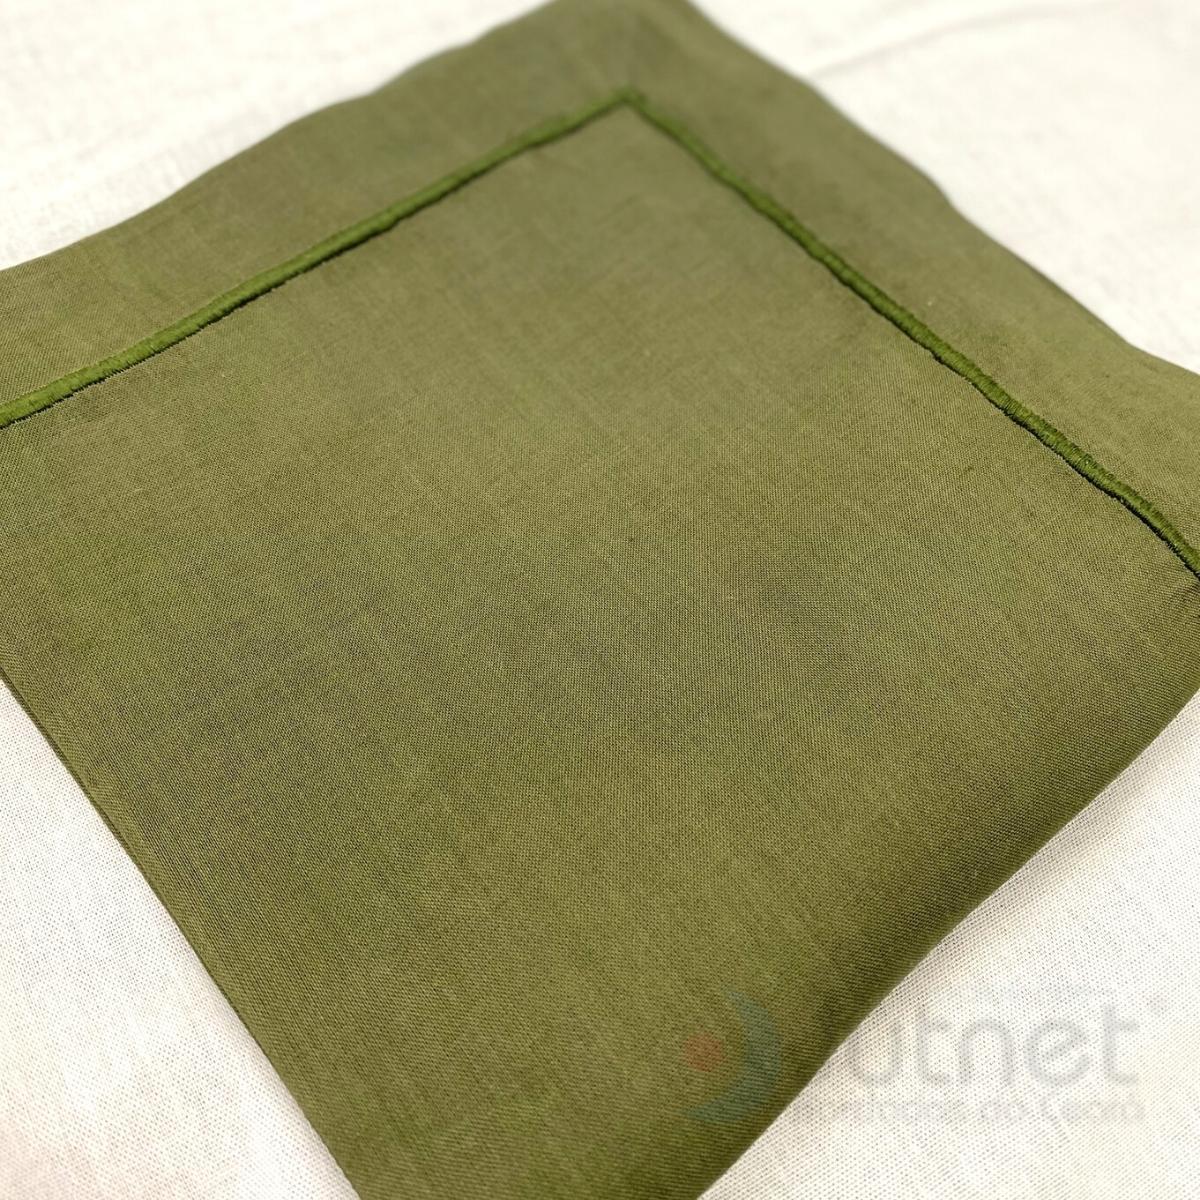 Guardanapo 50x50 com Bainha Ponto Cheio 100% Linho Verde Musgo  - Bordados do Ceará - Jutnet